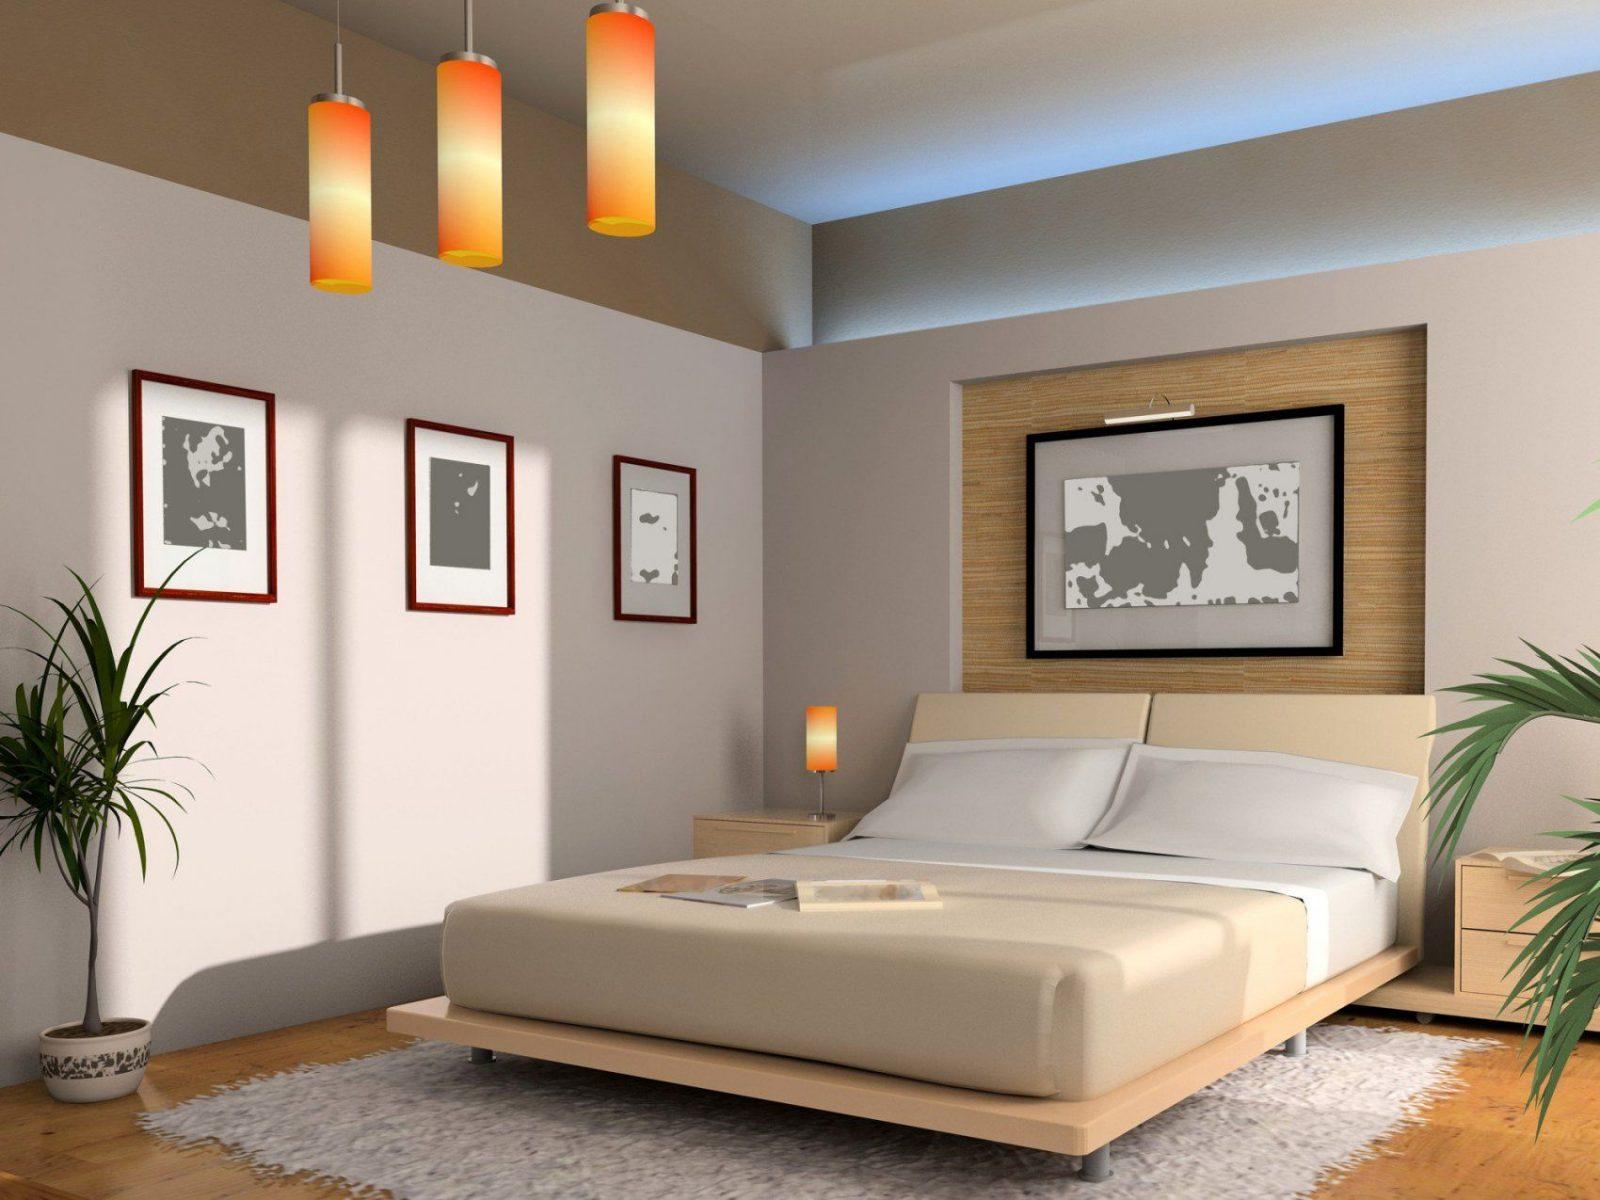 Feng Shui Schlafzimmer Einrichten – Praktische Tipps von Bilder Schlafzimmer Feng Shui Bild